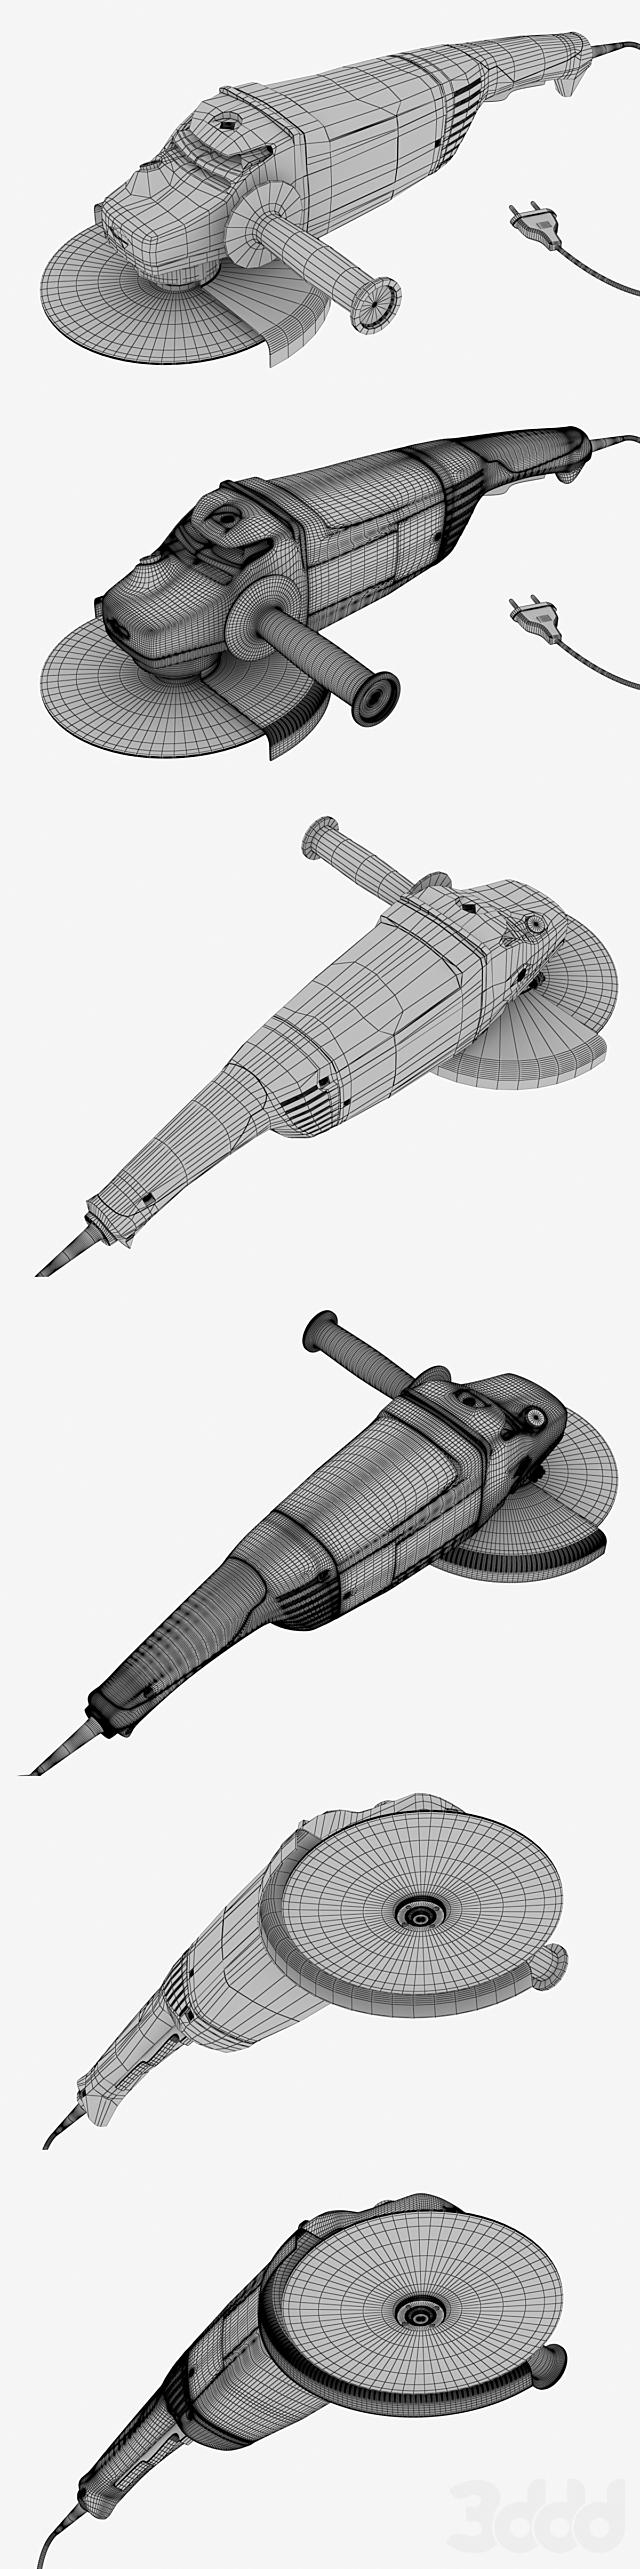 Угловая шлифовальная машина bosch gws 22-230